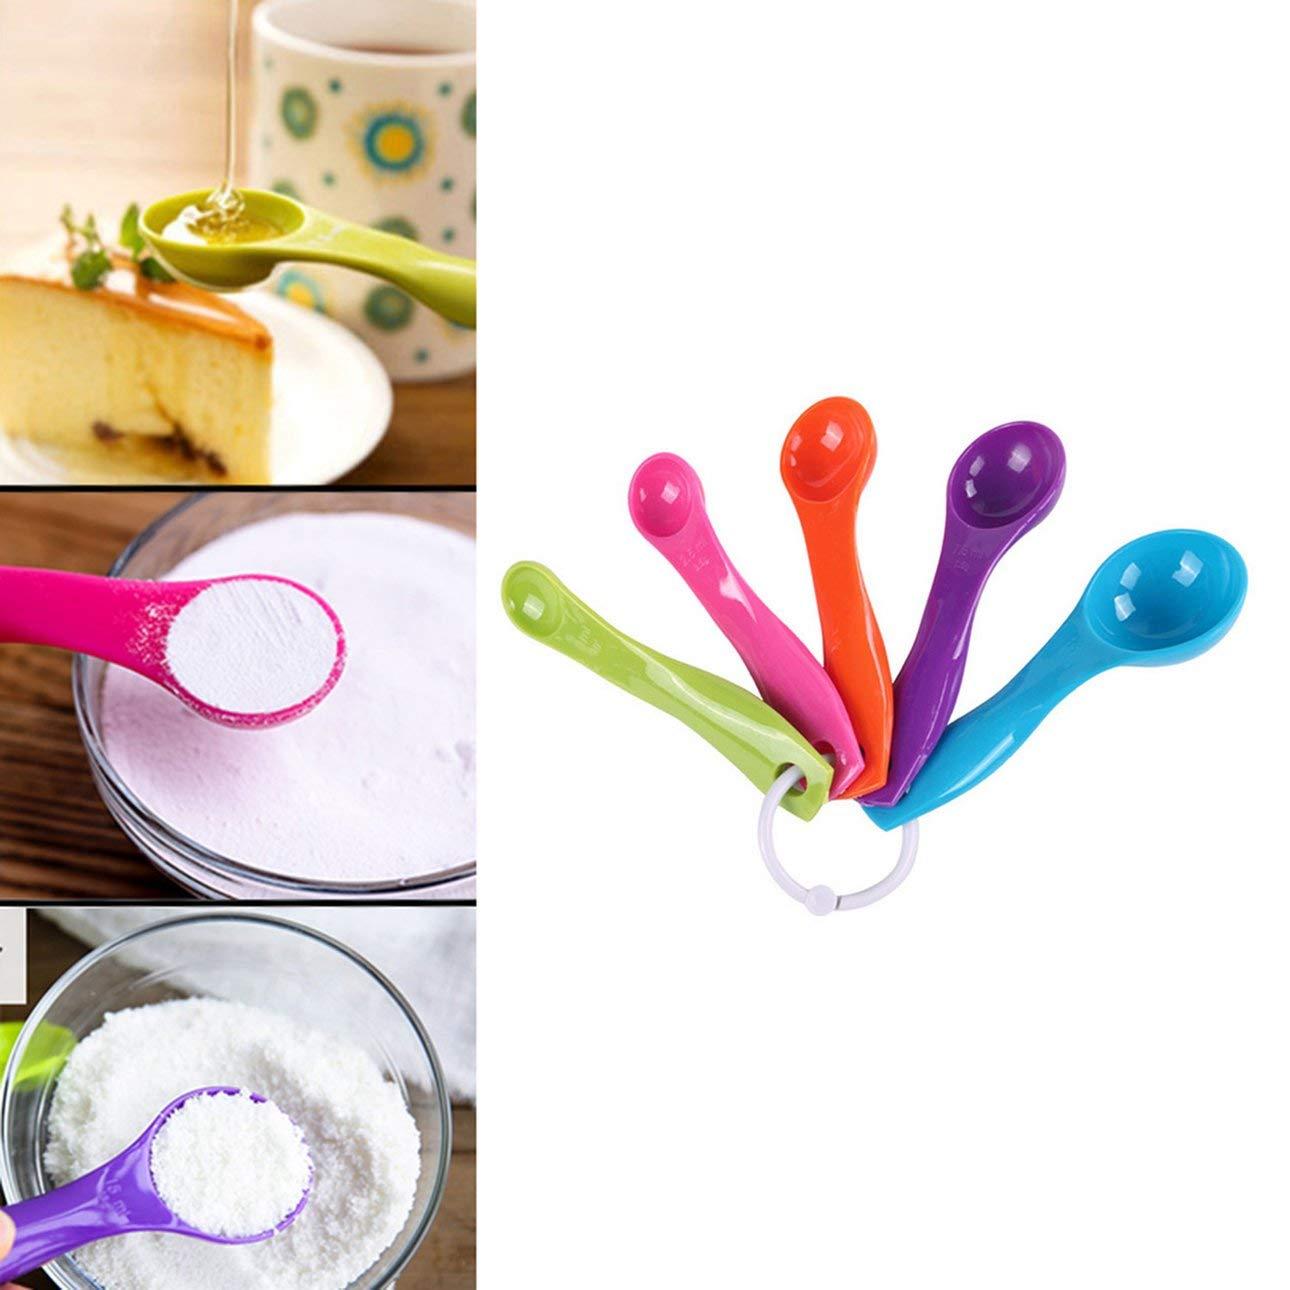 Pudincoco 5 Pcs//Set Cuisine en Plastique Color/é Tasses /À Mesurer Poign/ée Ergonomique G/âteau Au Sucre Cuisson Cuill/ère Cuill/ère M/énage /À Mesurer Scoop